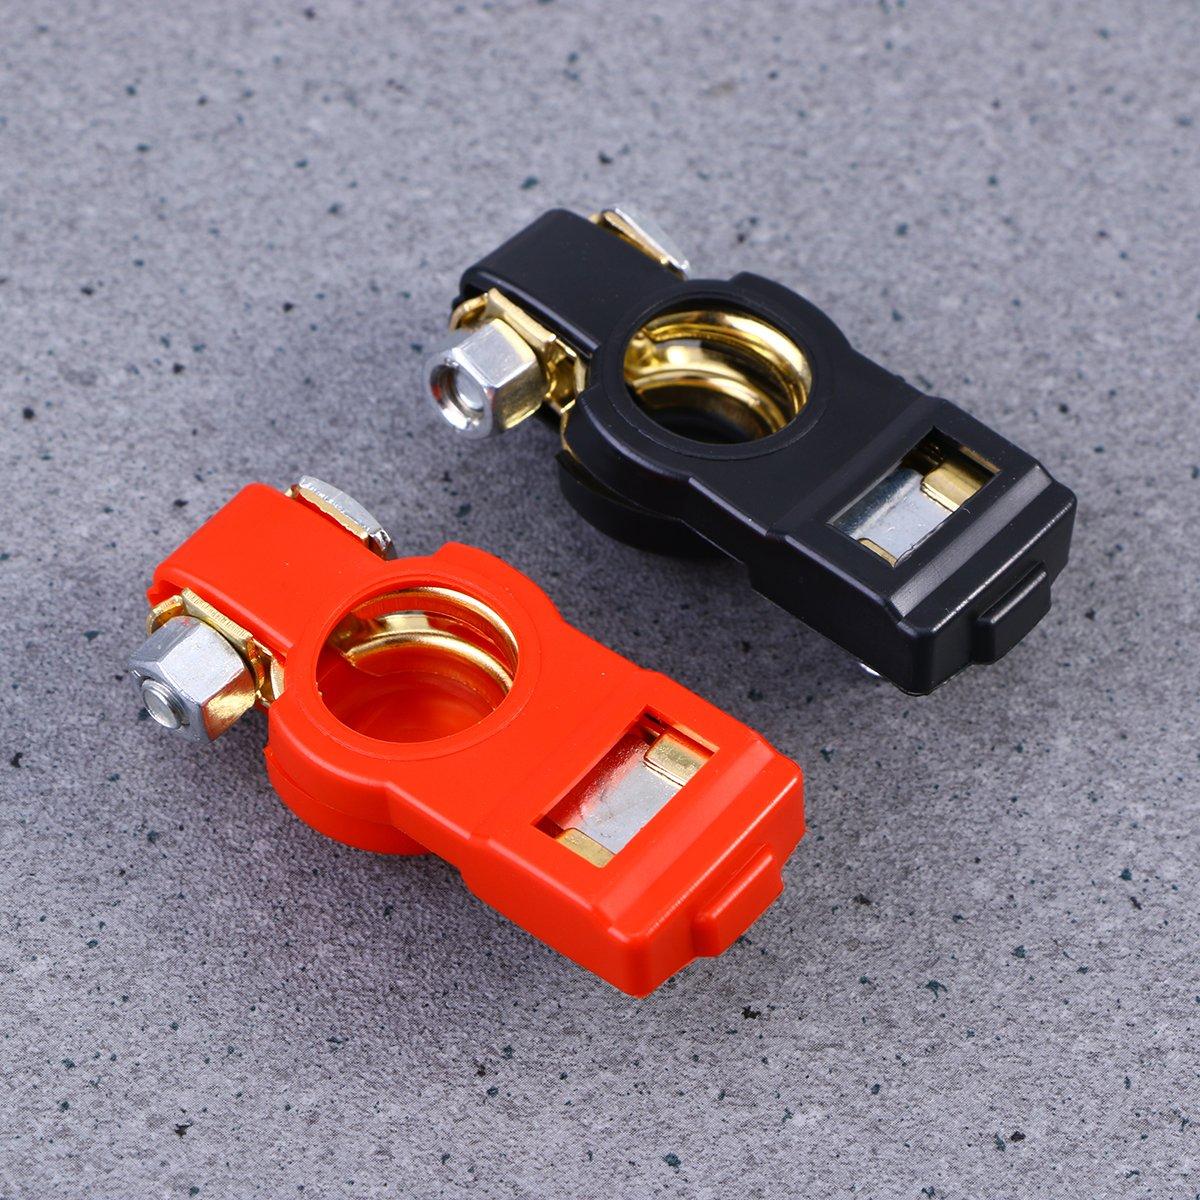 VORCOOL Connecteurs dagrafe de borne de batterie de voiture de v/éhicule dautomobile n/égative positive Taille sans plomb r/églable avec des couvertures protectrices isolantes 1 paire